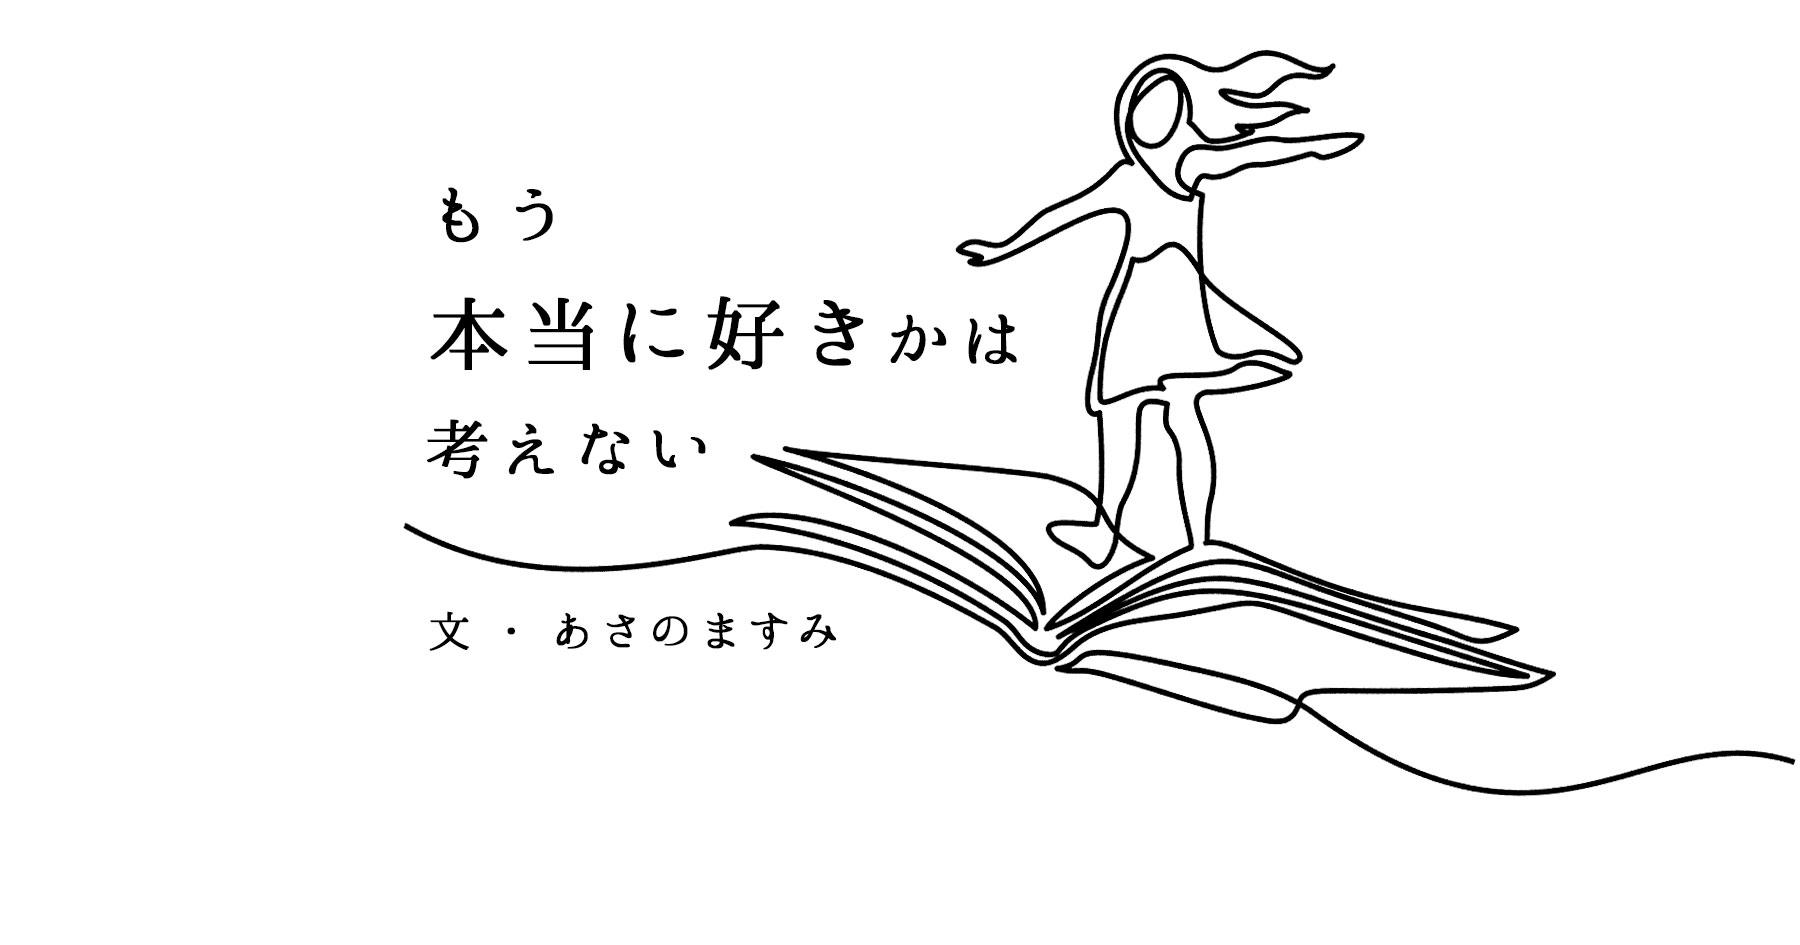 あさのますみ/浅野真澄さん